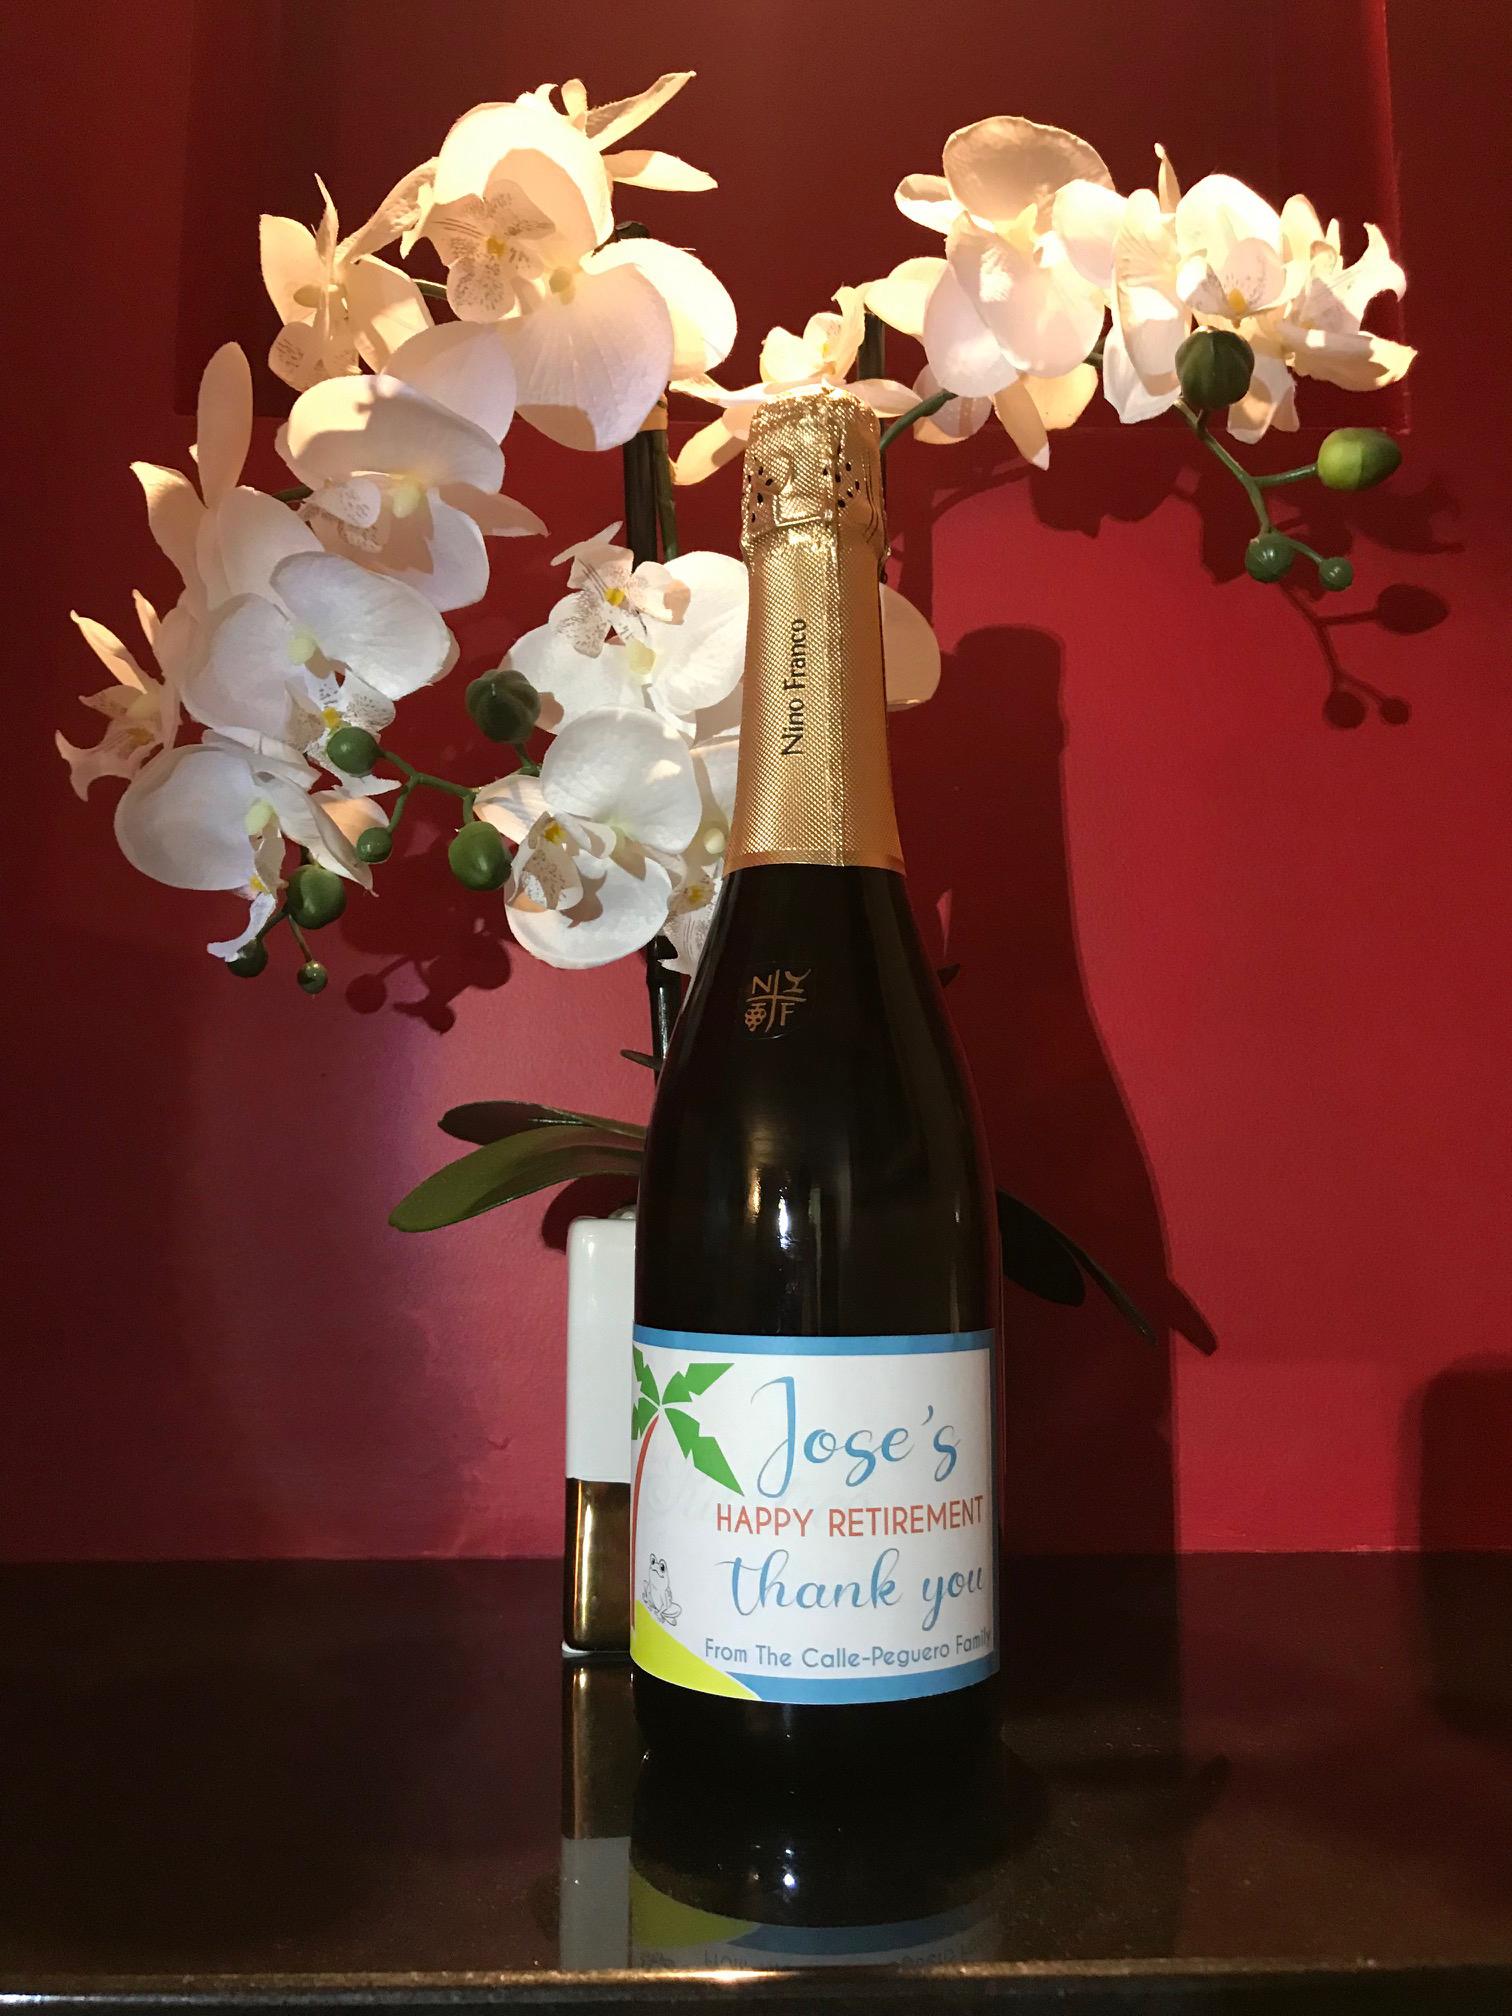 - Personalized Wine Bottle Label